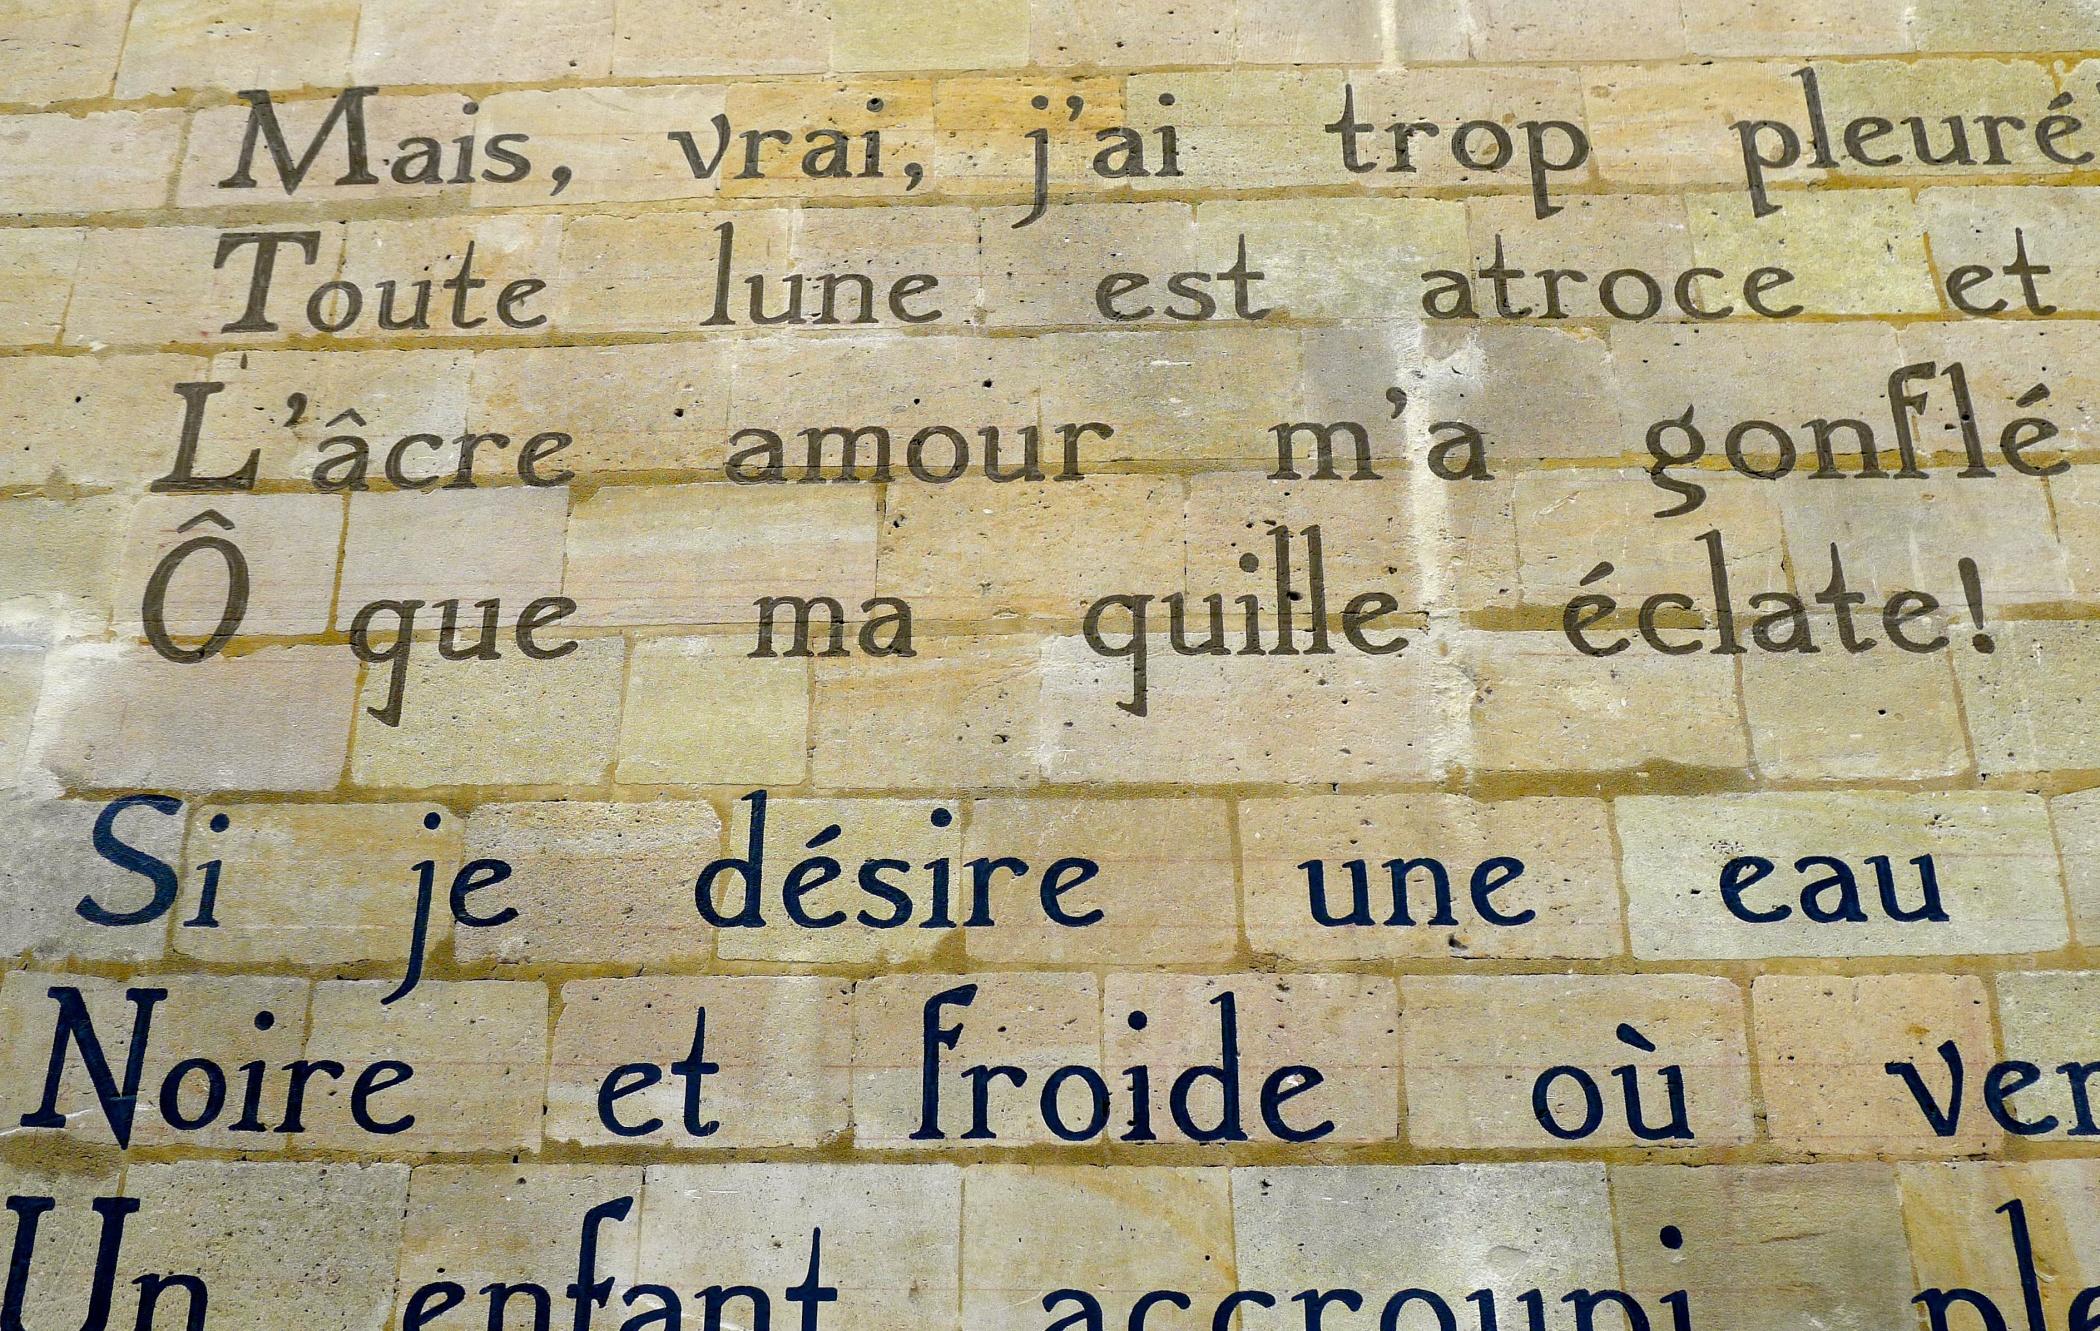 Poésie Le Bateau Ivre Darthur Rimbaud Maître Renard